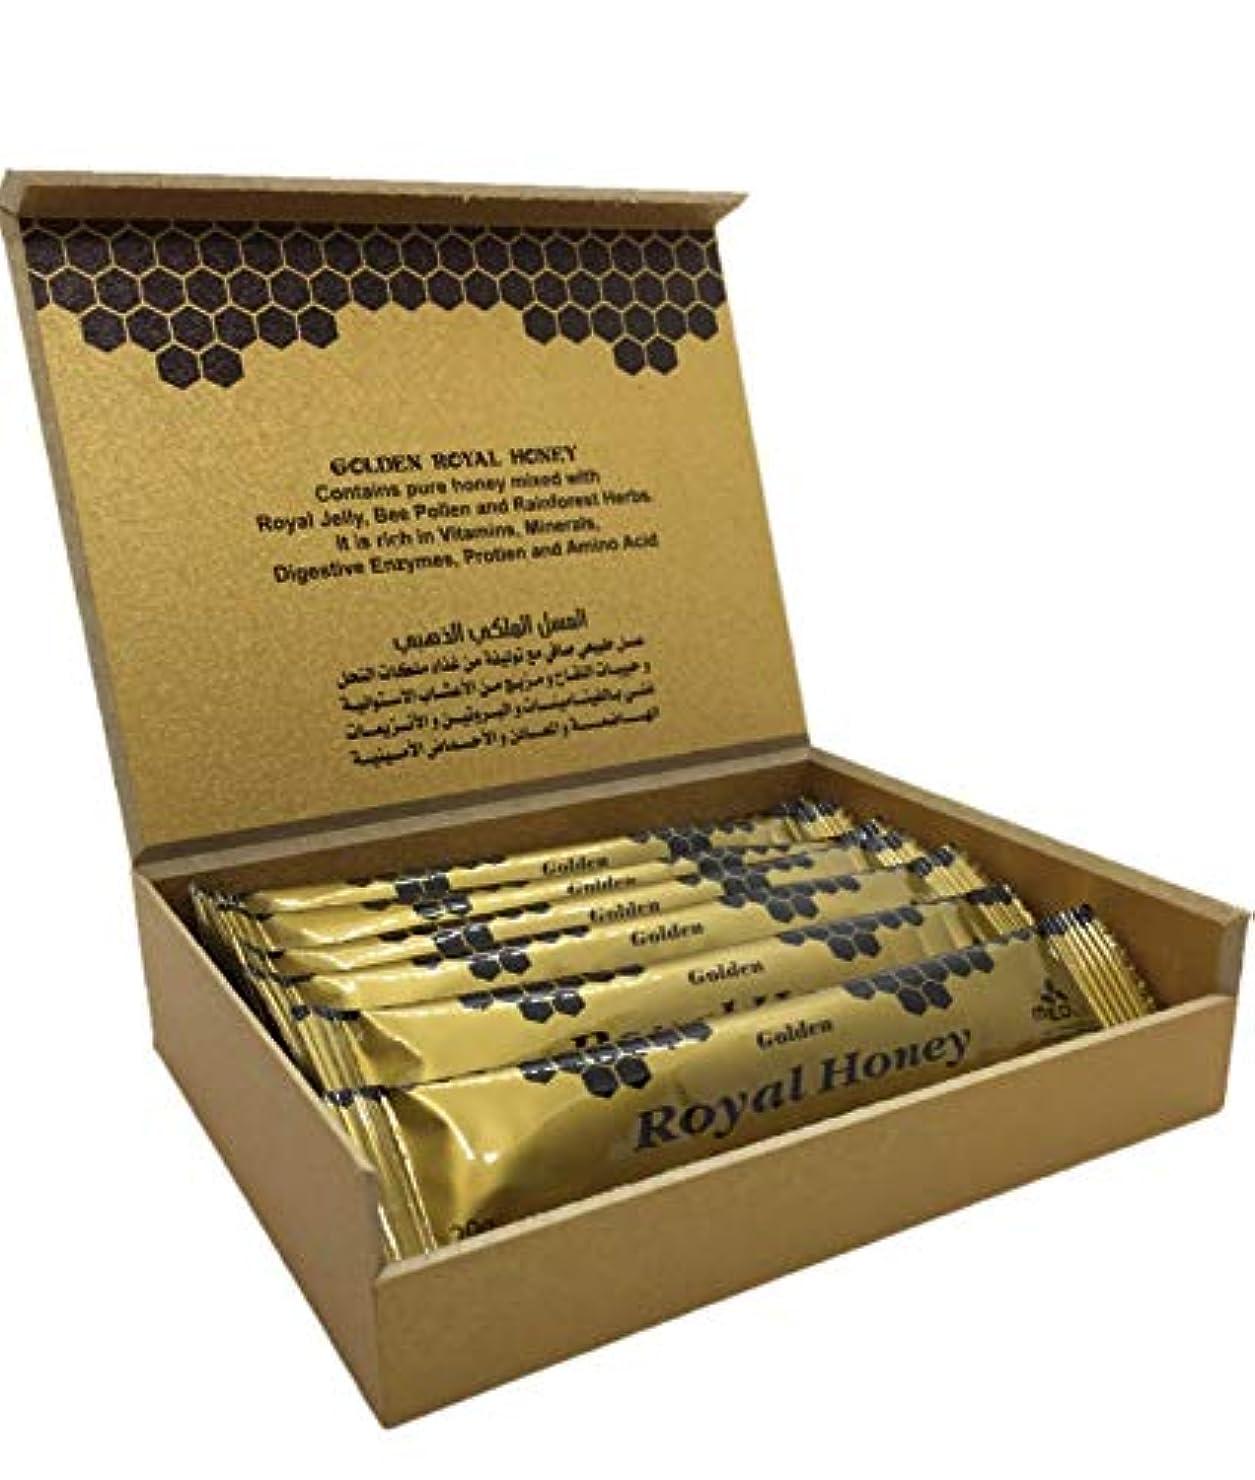 みぞれ休戦レジゴールデンロイヤルハニー Golden Royal Honey 20g×12袋入 【海外直送品】